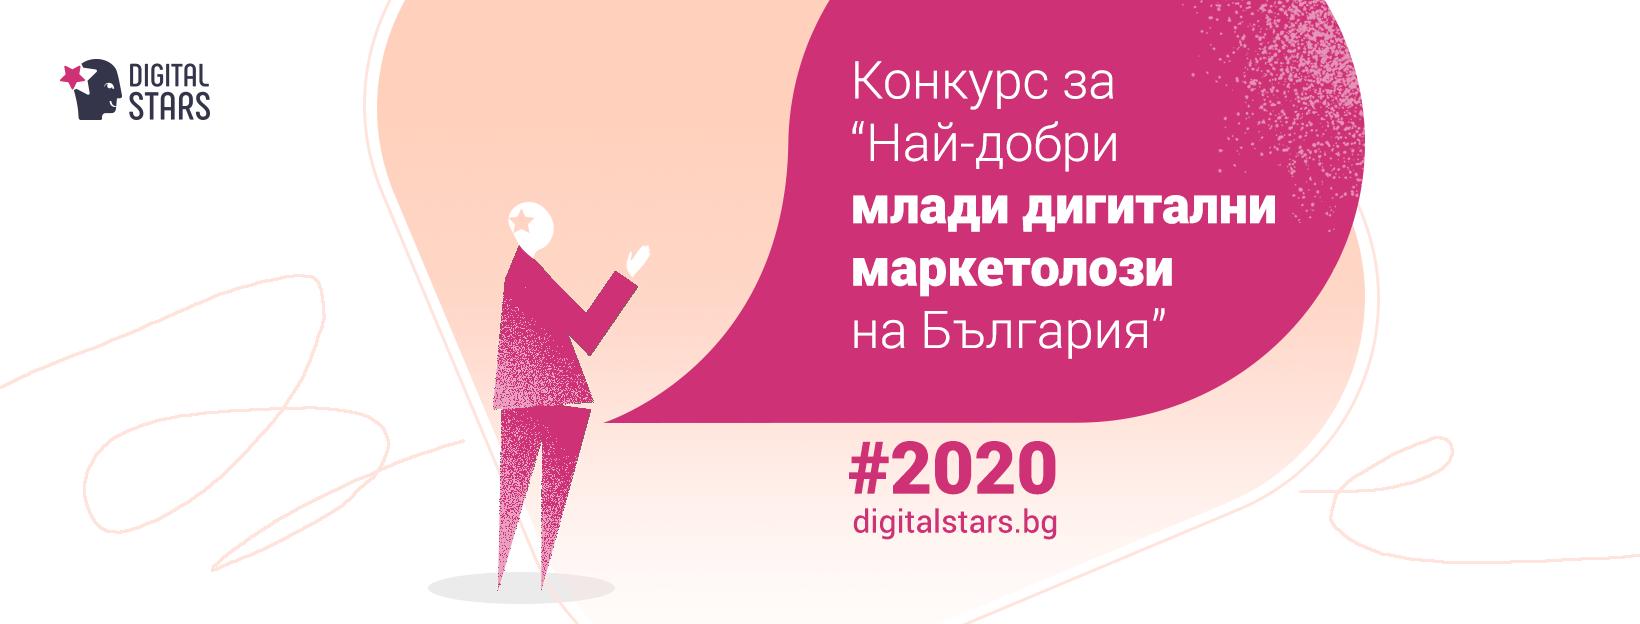 Digital Stars 2020